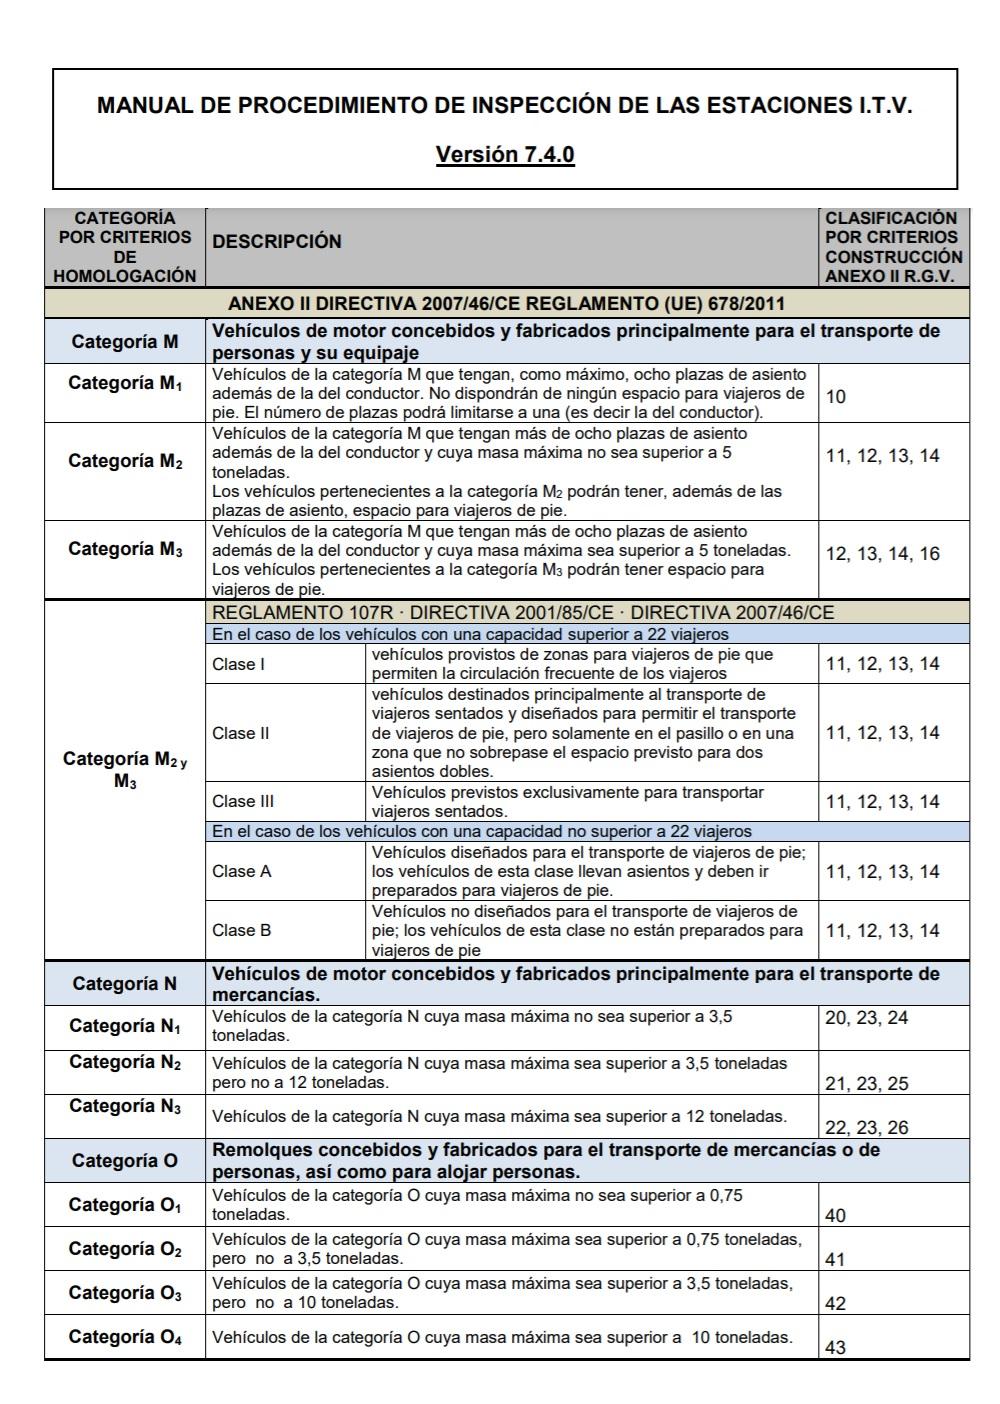 clasificación de vehículos según su categoría M o N